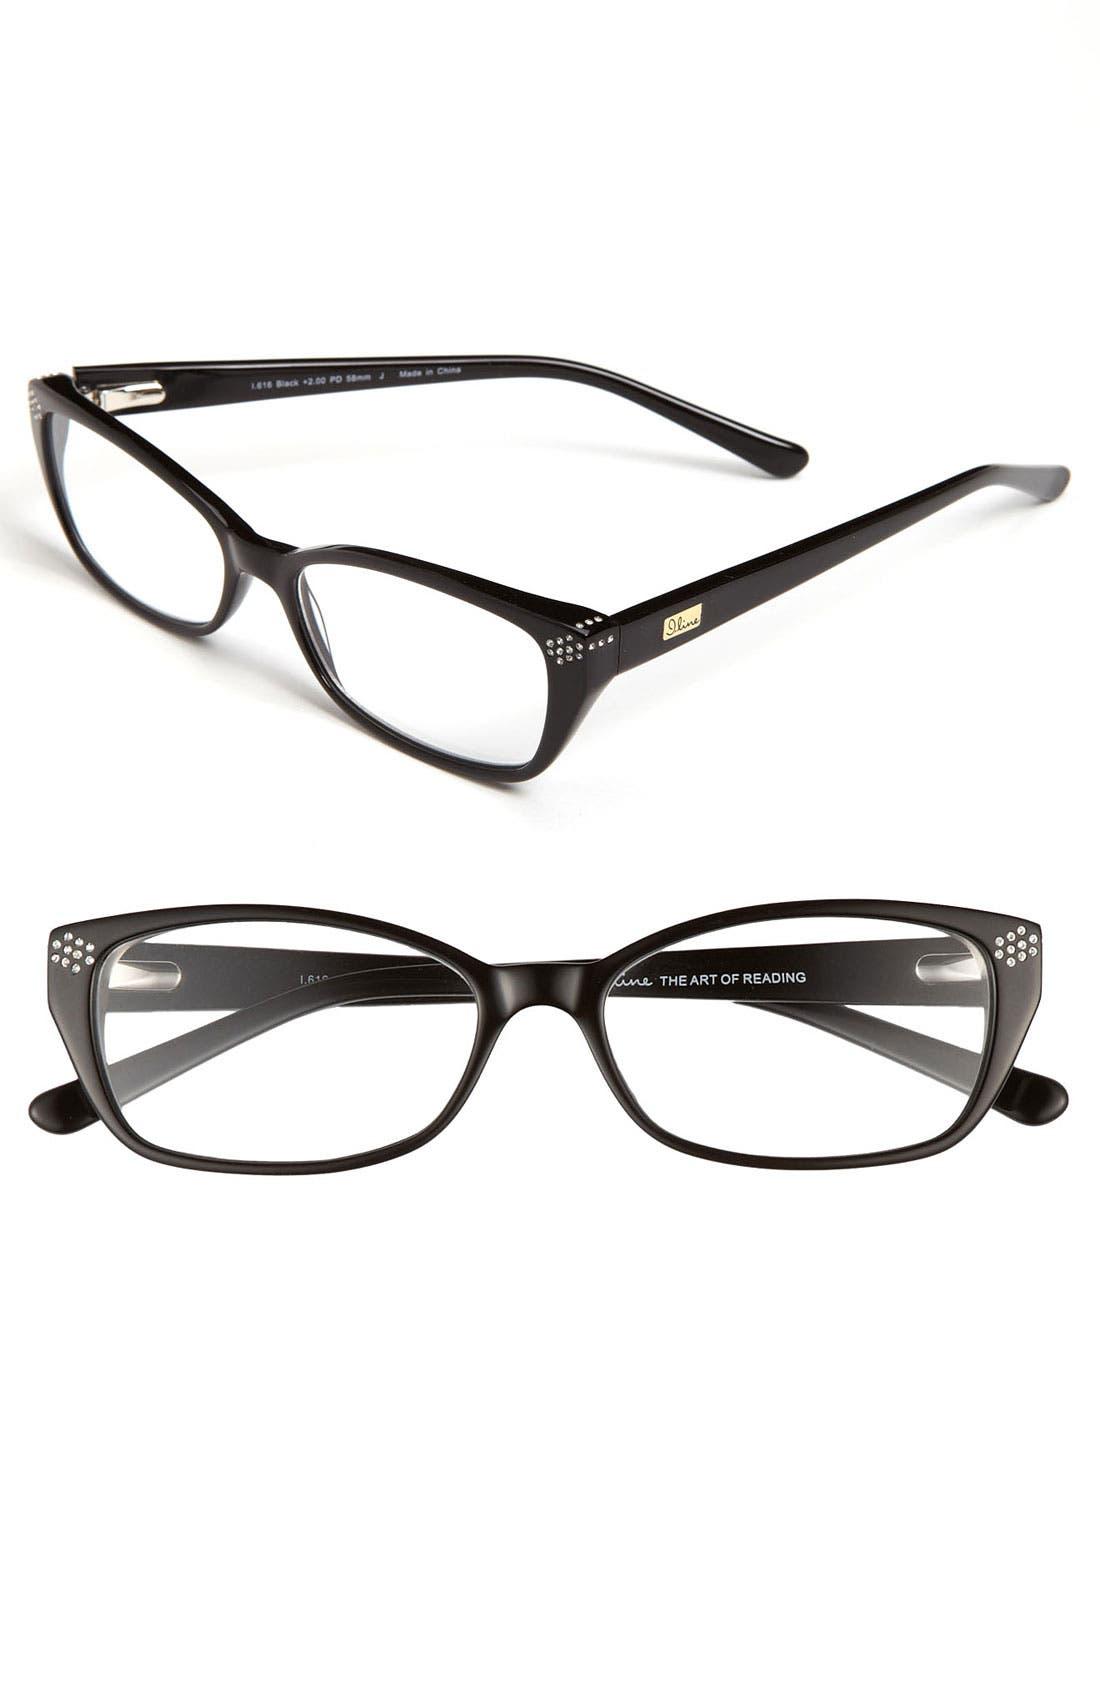 Main Image - I Line Eyewear Crystal Reading Glasses